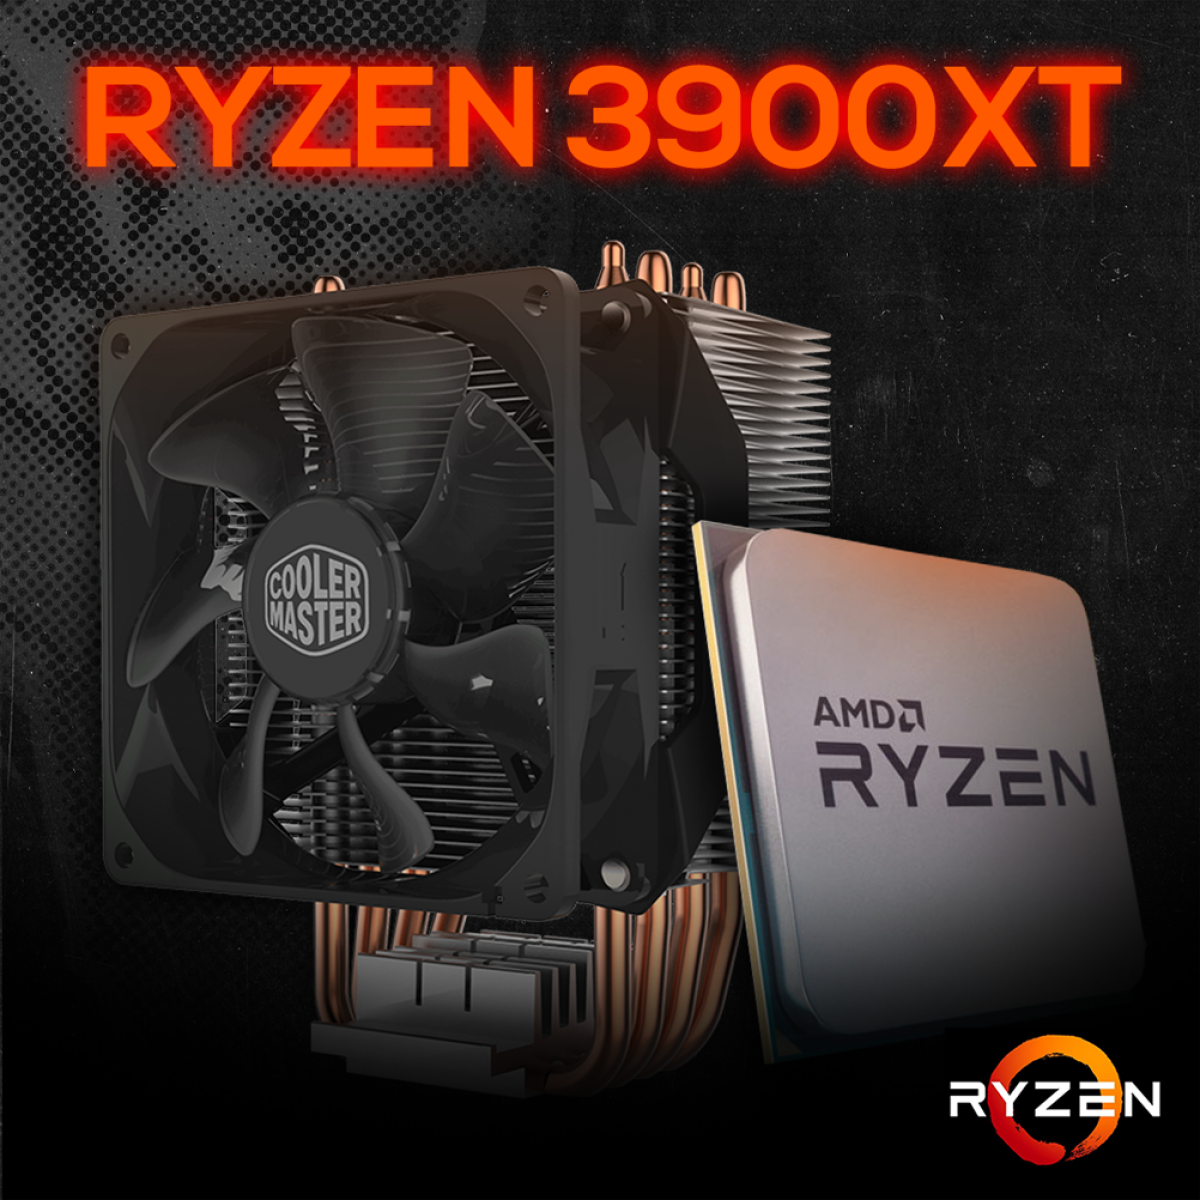 Kit Processador AMD Ryzen 9 3900XT 3.8ghz (4.7ghz Turbo), 12-cores 24-threads, + COOLER MASTER HYPER H412R